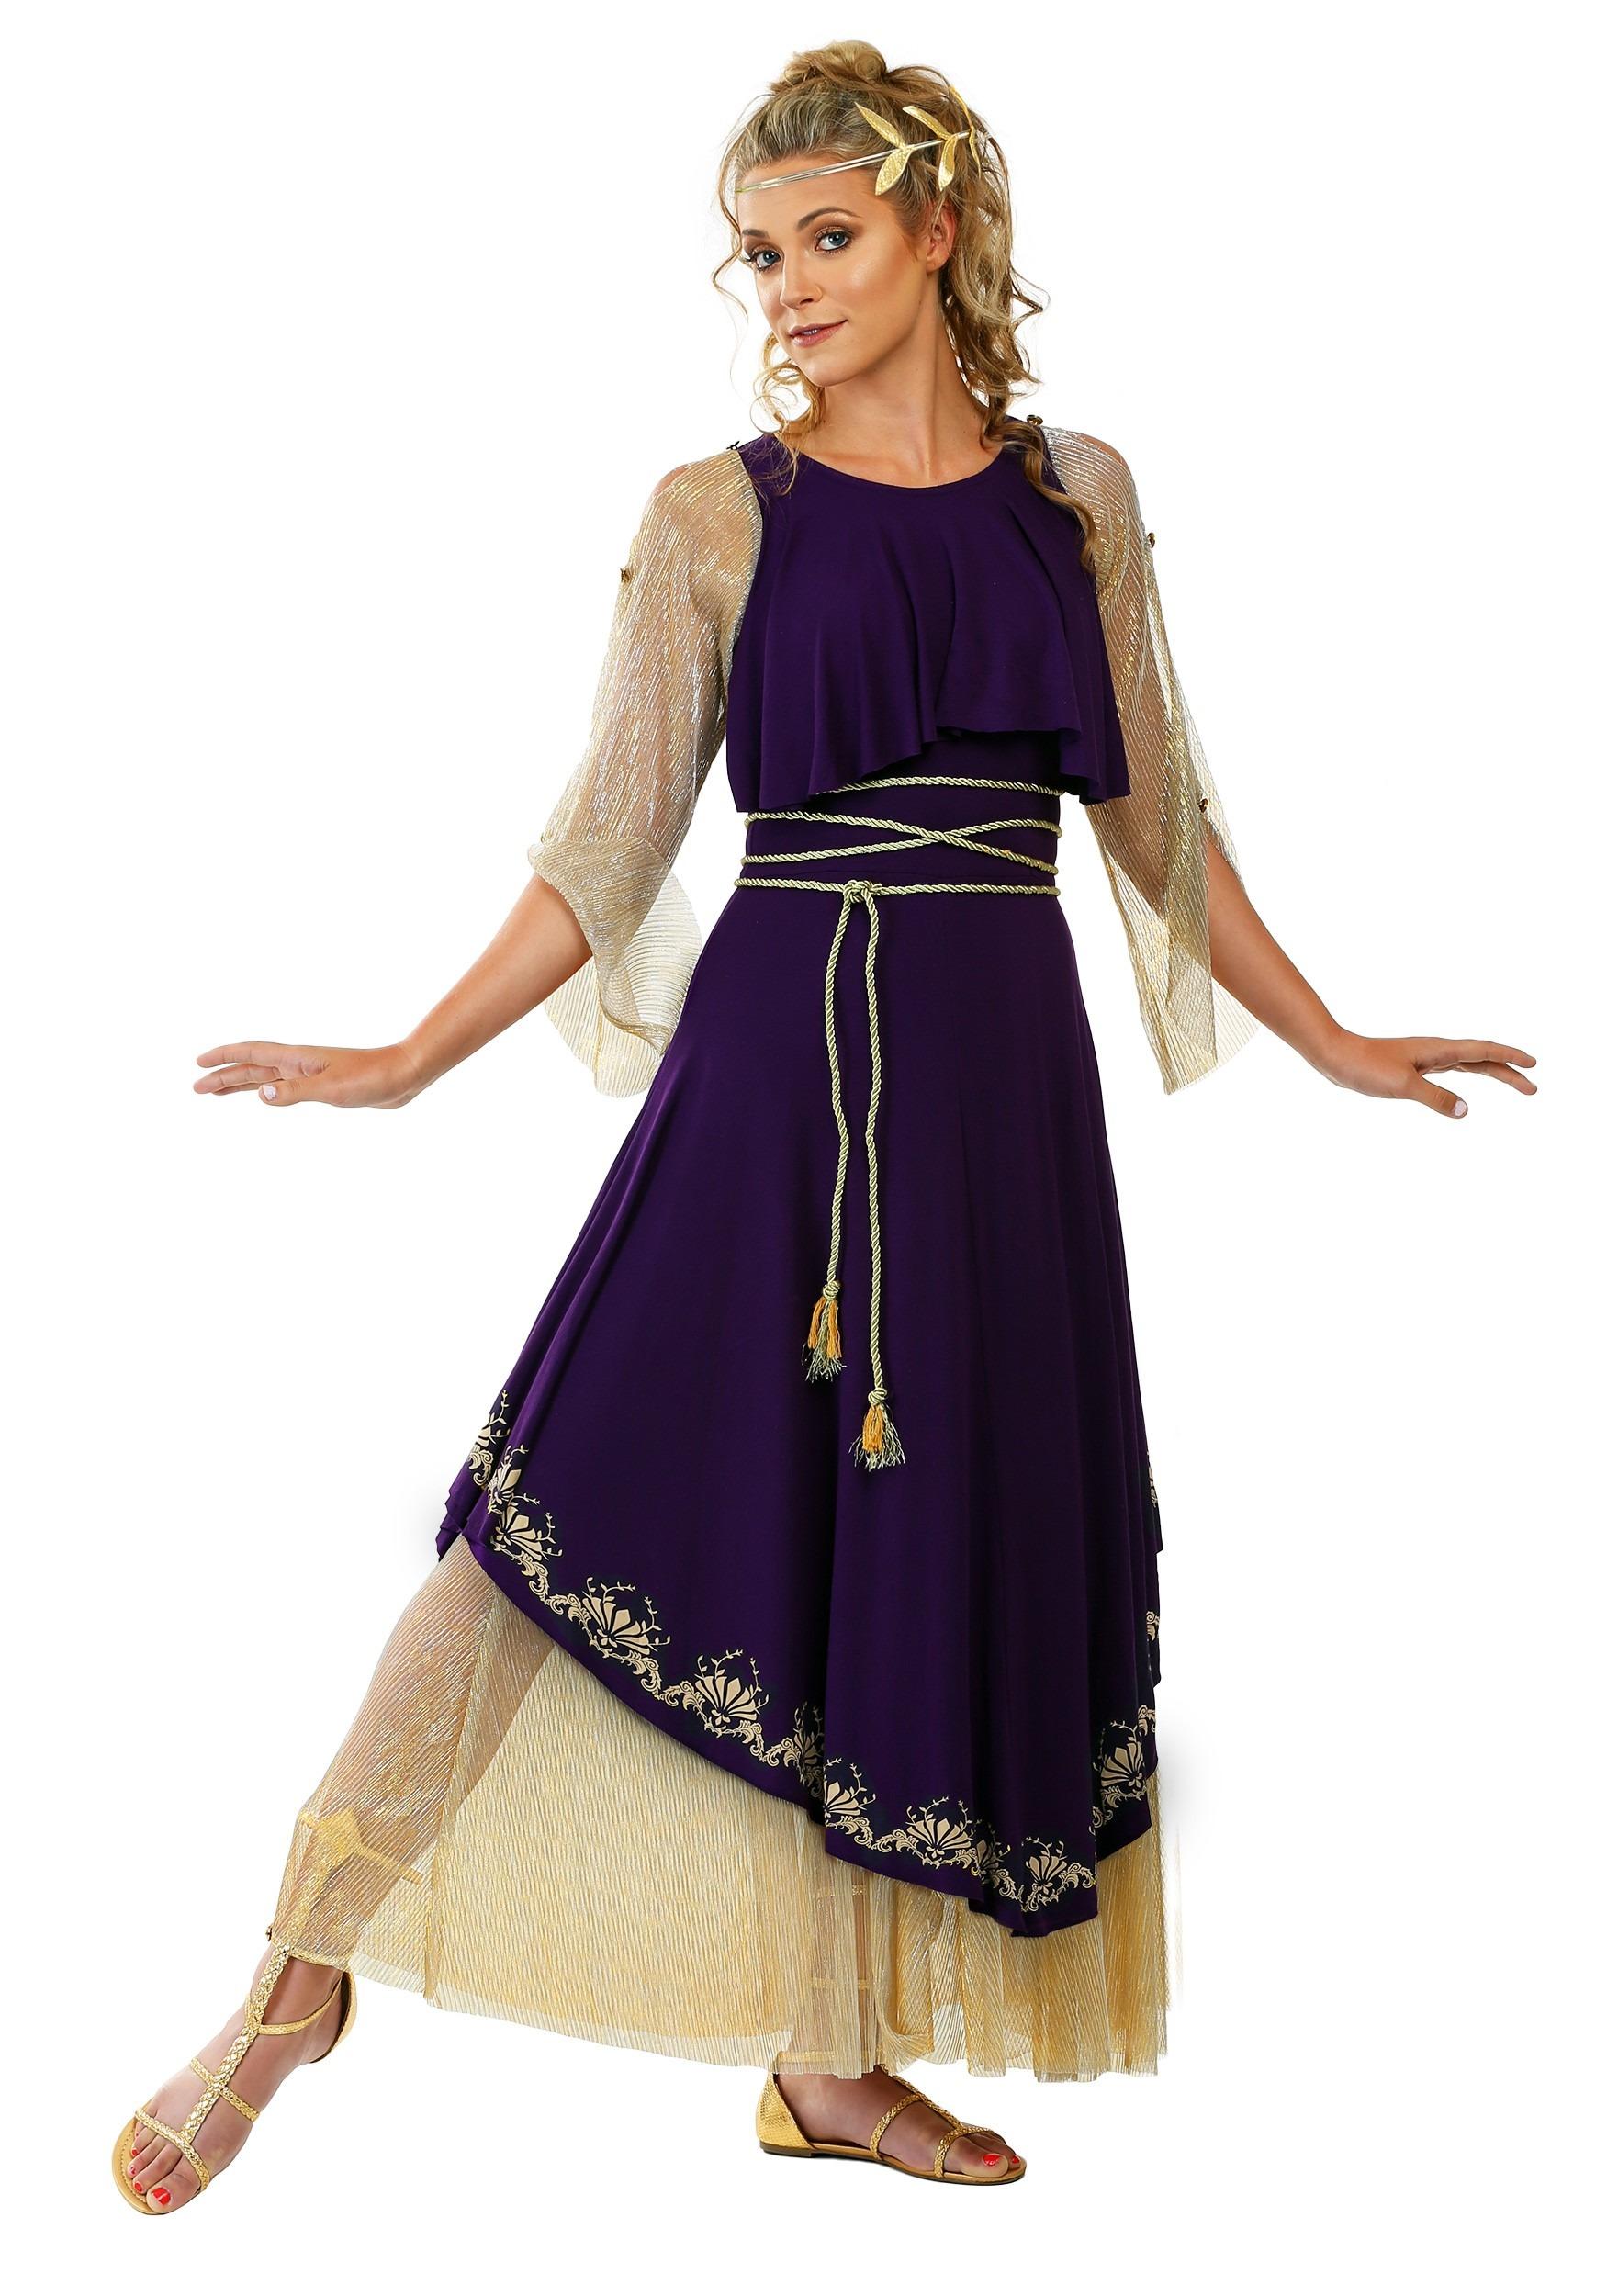 Aphrodite Goddess Costume for Women